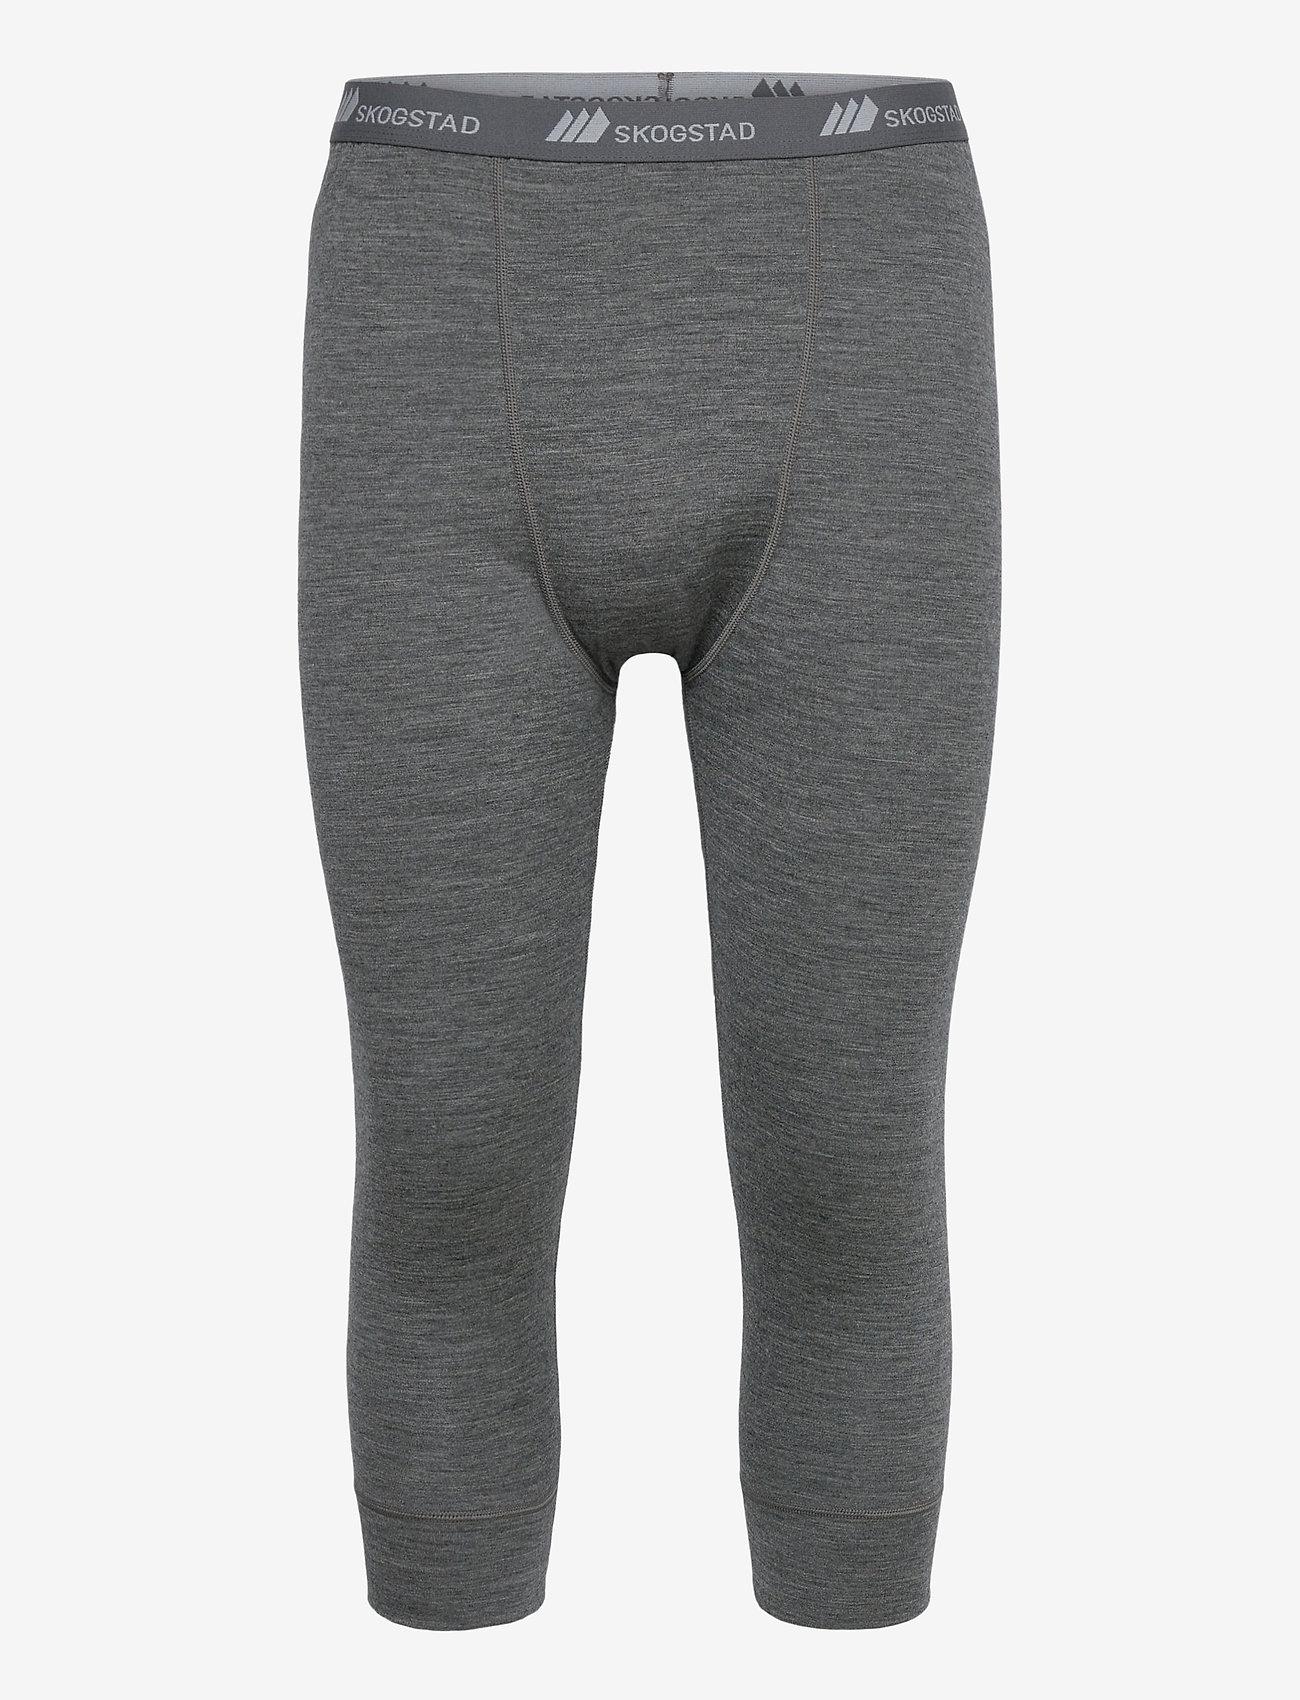 Skogstad - Andenes merino wool 3/4 longs - termo leggings - mid grey melange - 0